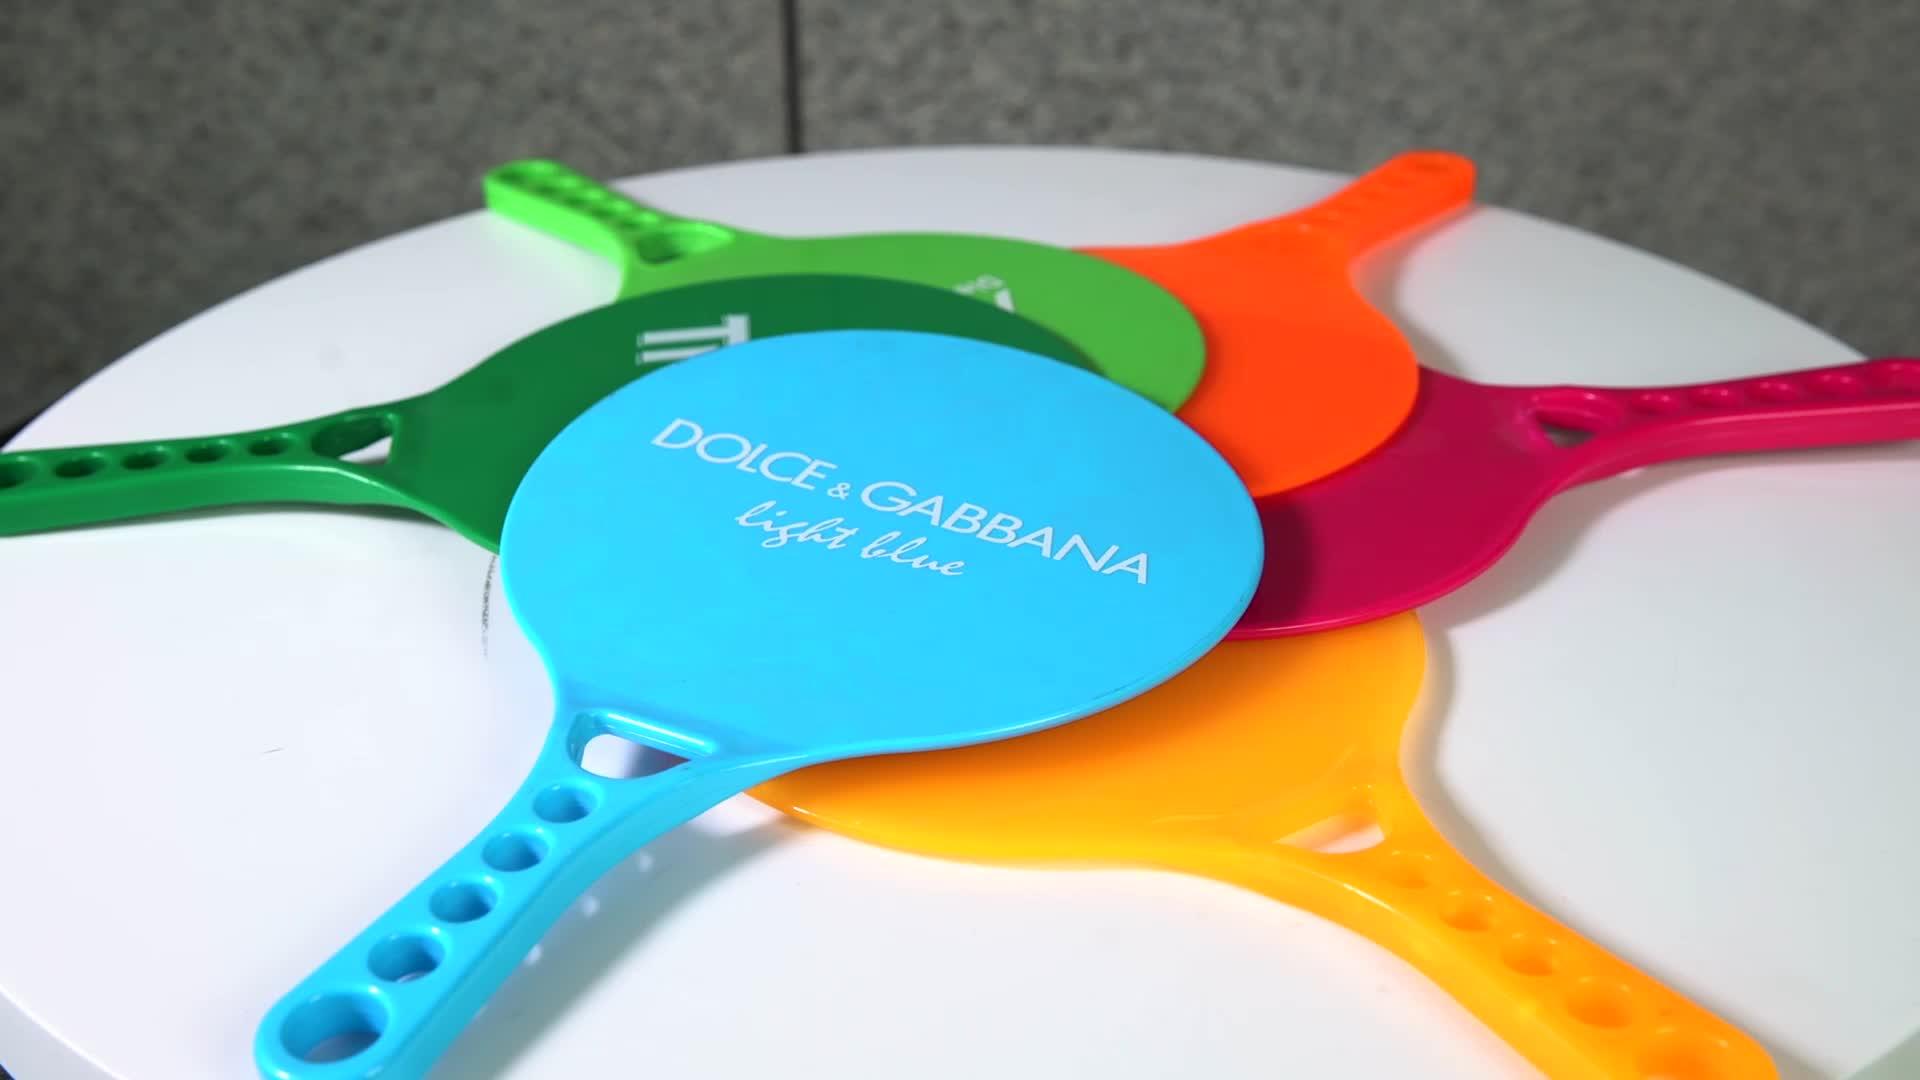 2019 Walmart certificada raquete de bola de praia de brinquedo barato por atacado / paddle raquete de tênis